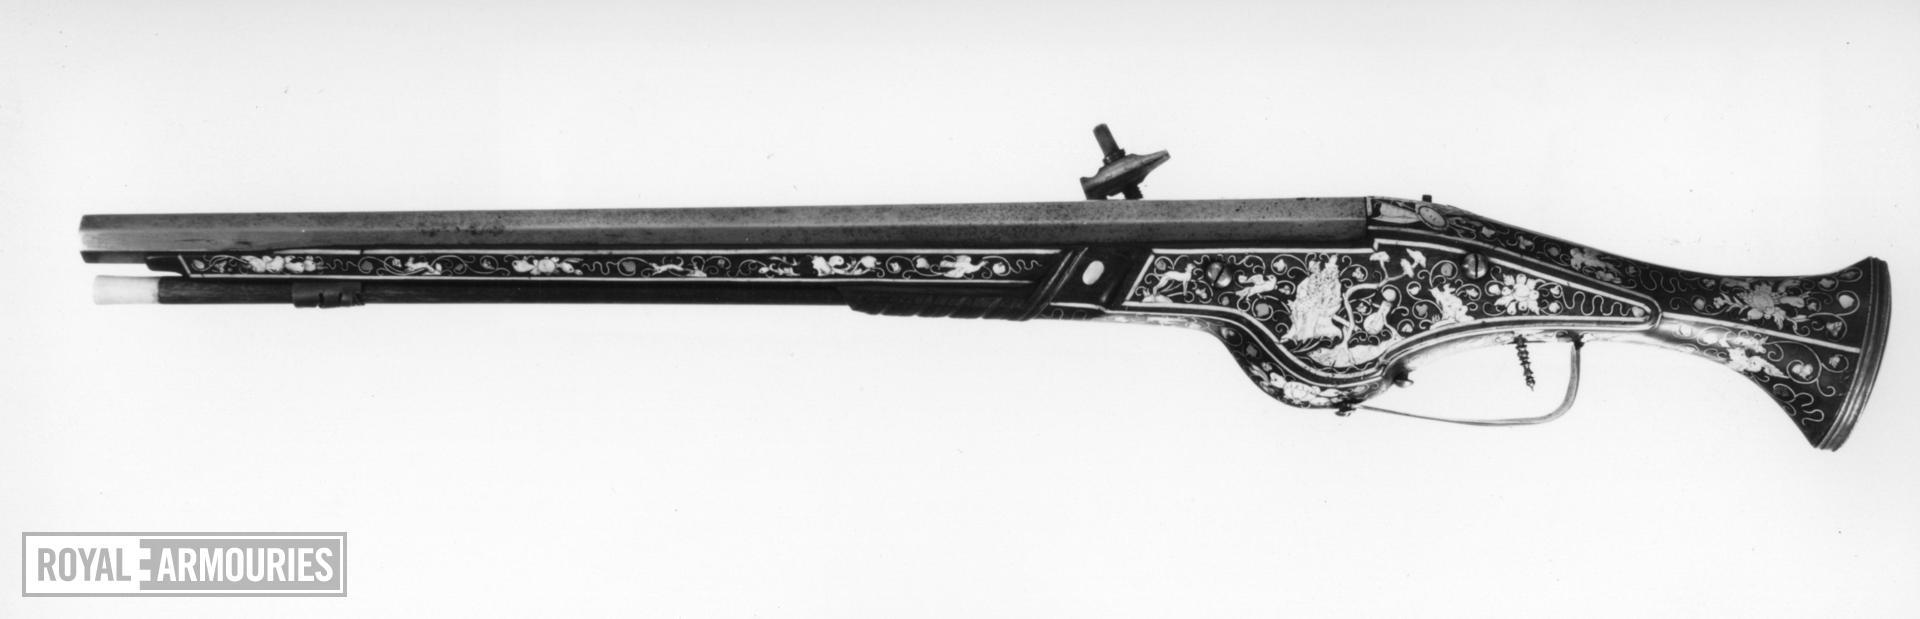 Wheellock holster pistol Possibly by Moritz Fluckiger